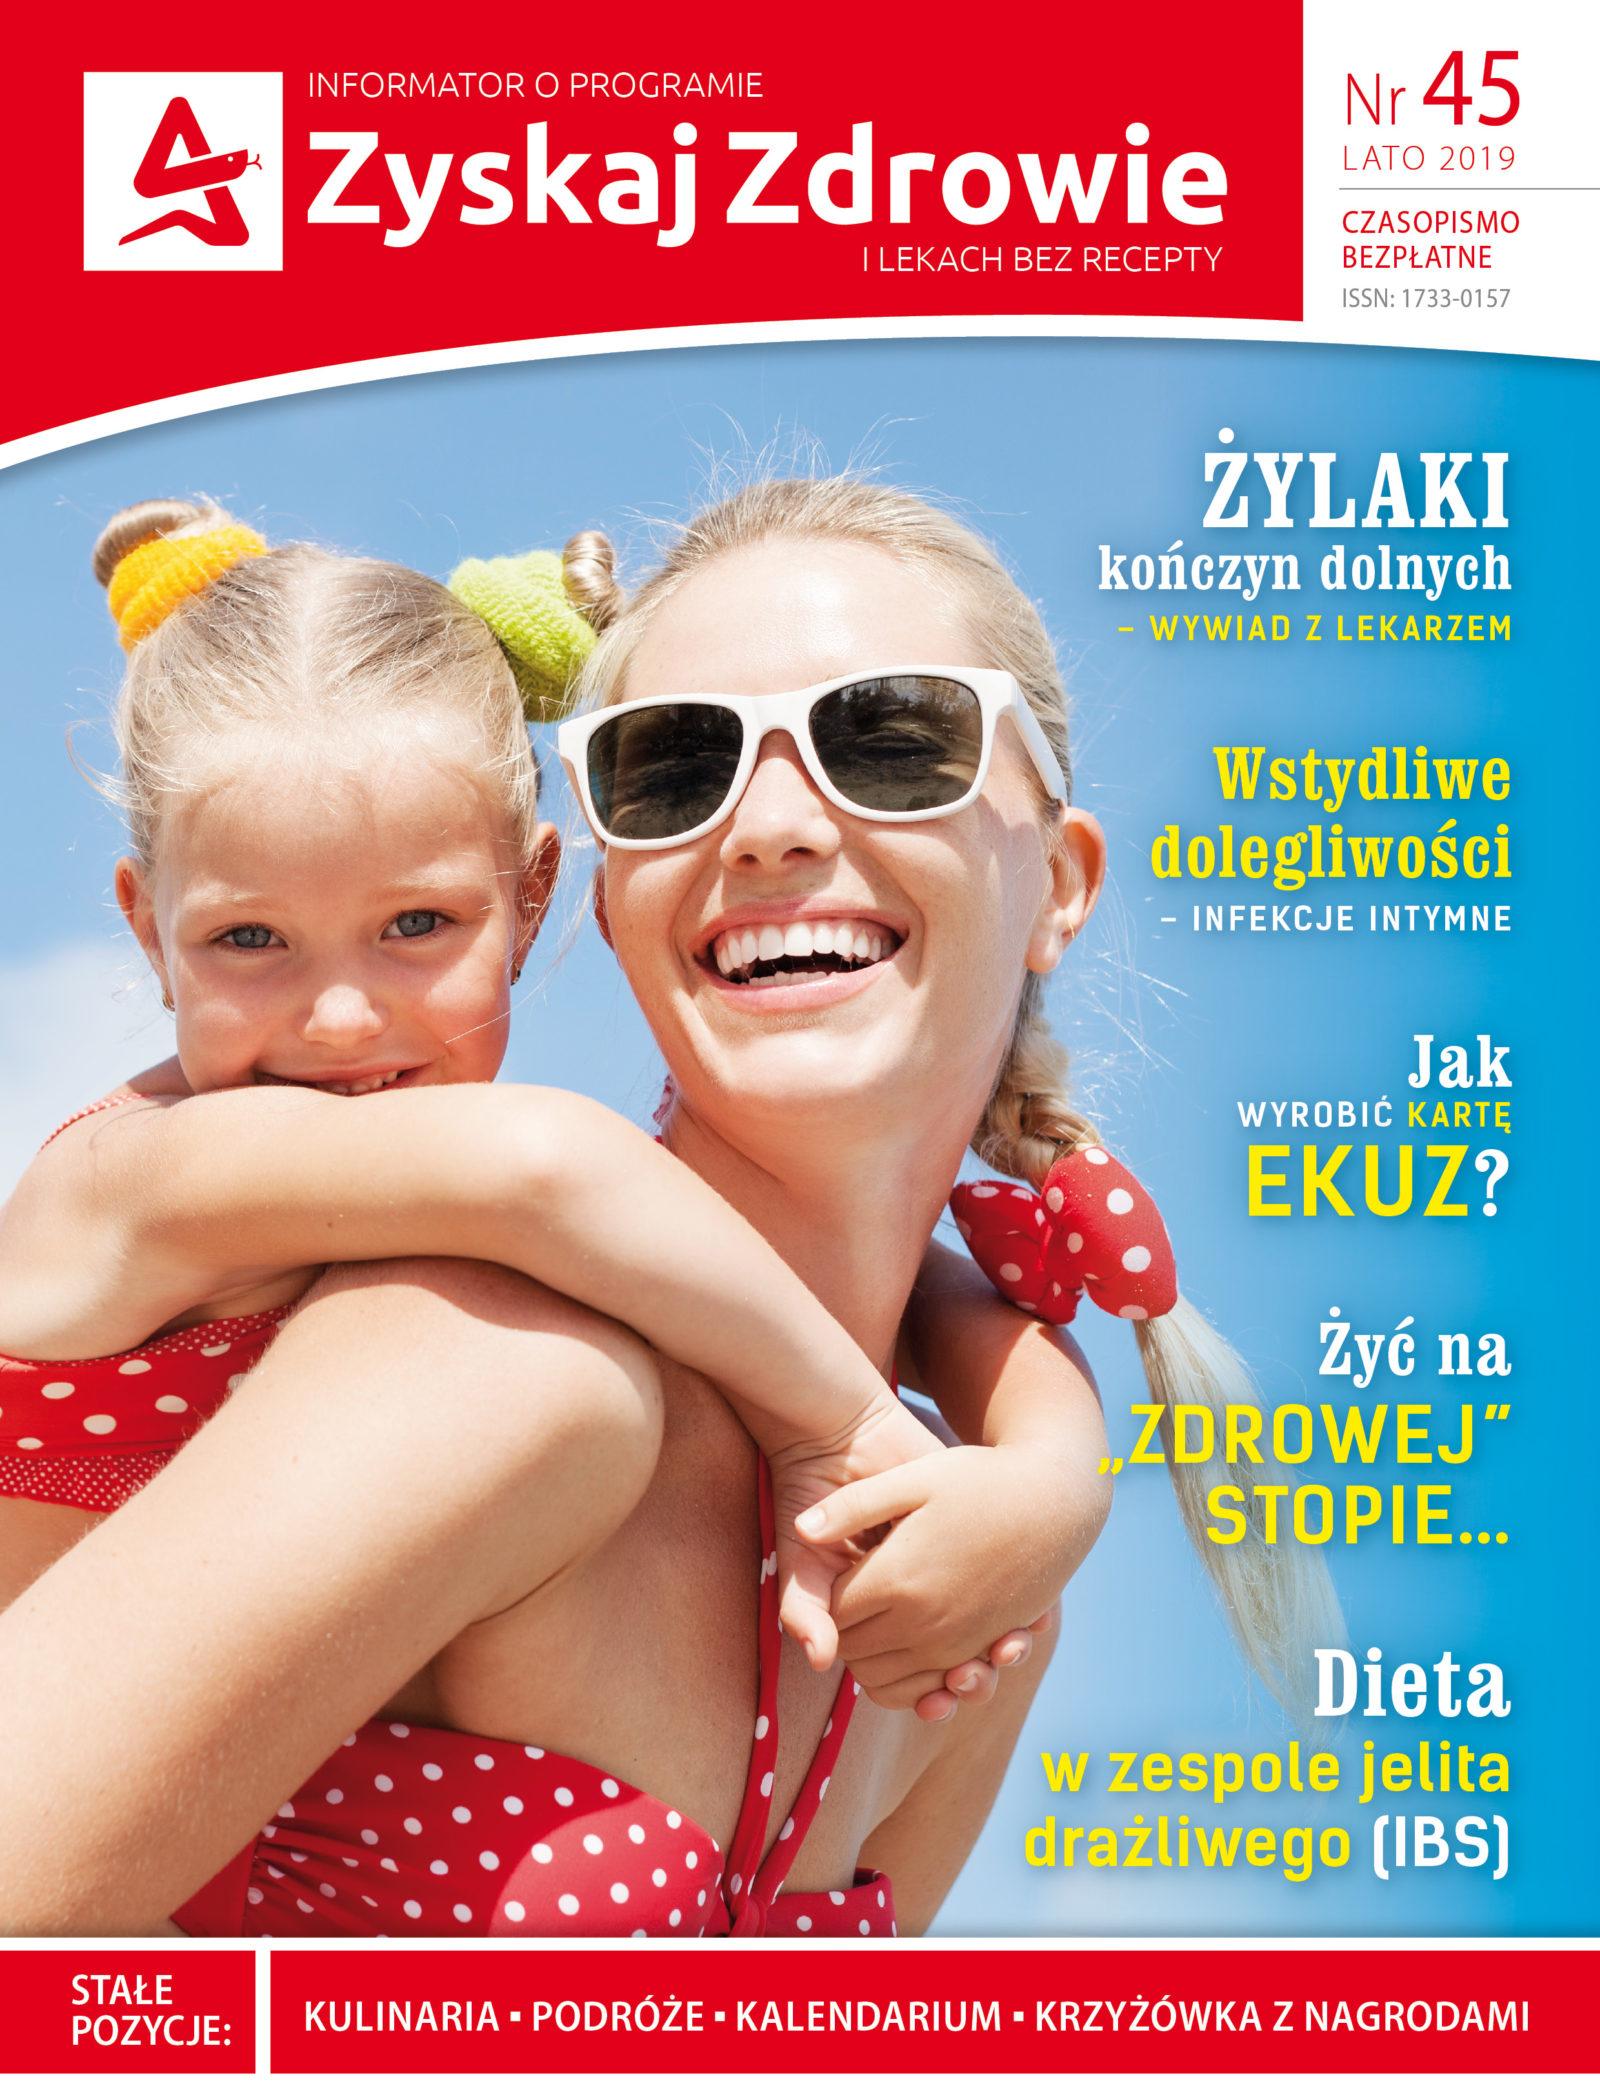 Letnie wydanie czasopisma popularnonaukowego